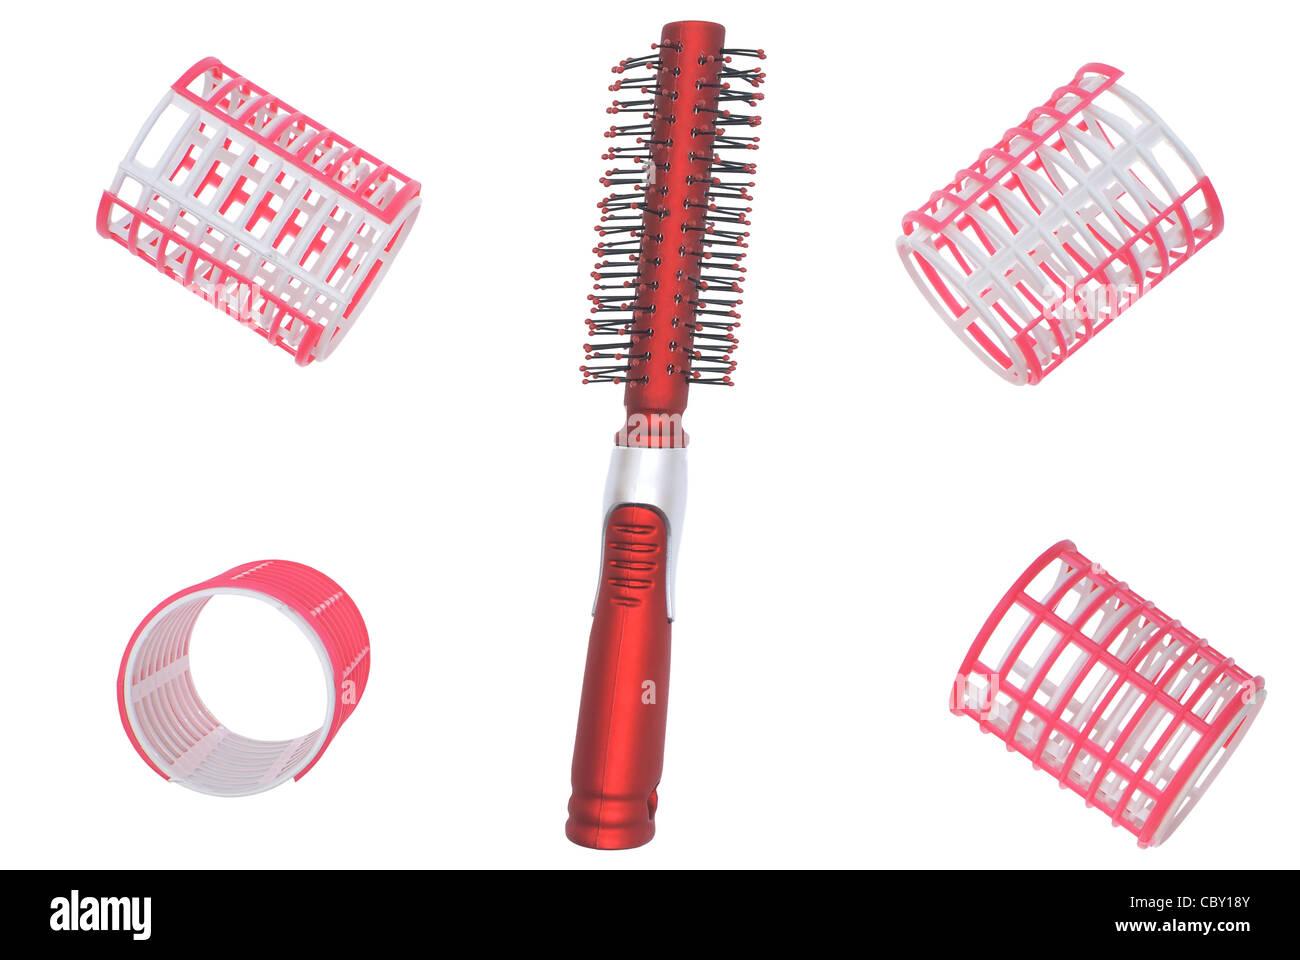 Rizadores de pelo y cepillo. Imagen De Stock